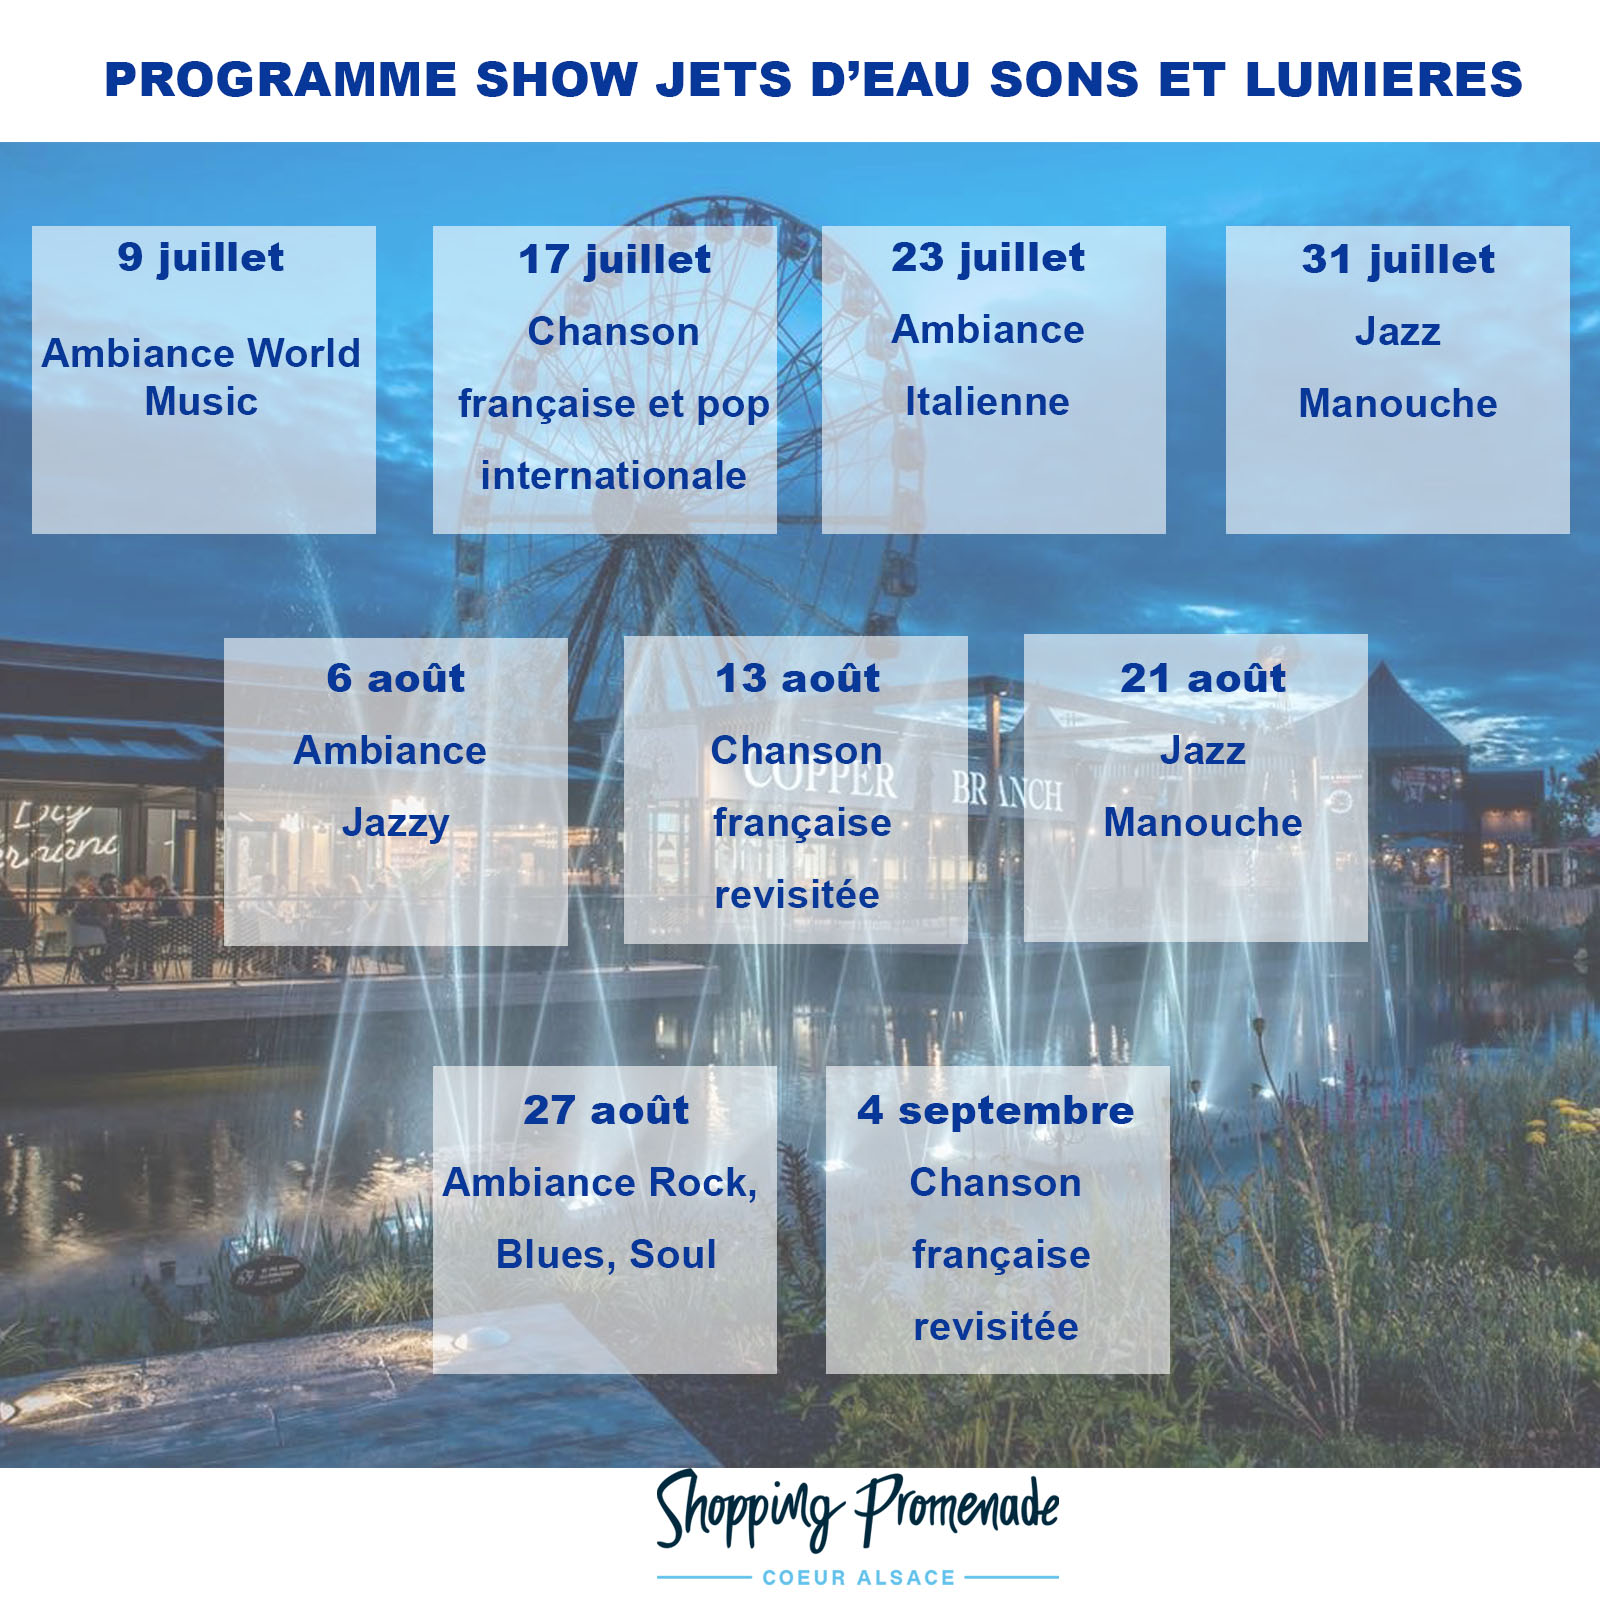 Programmation : show jets d'eau, sons et lumières